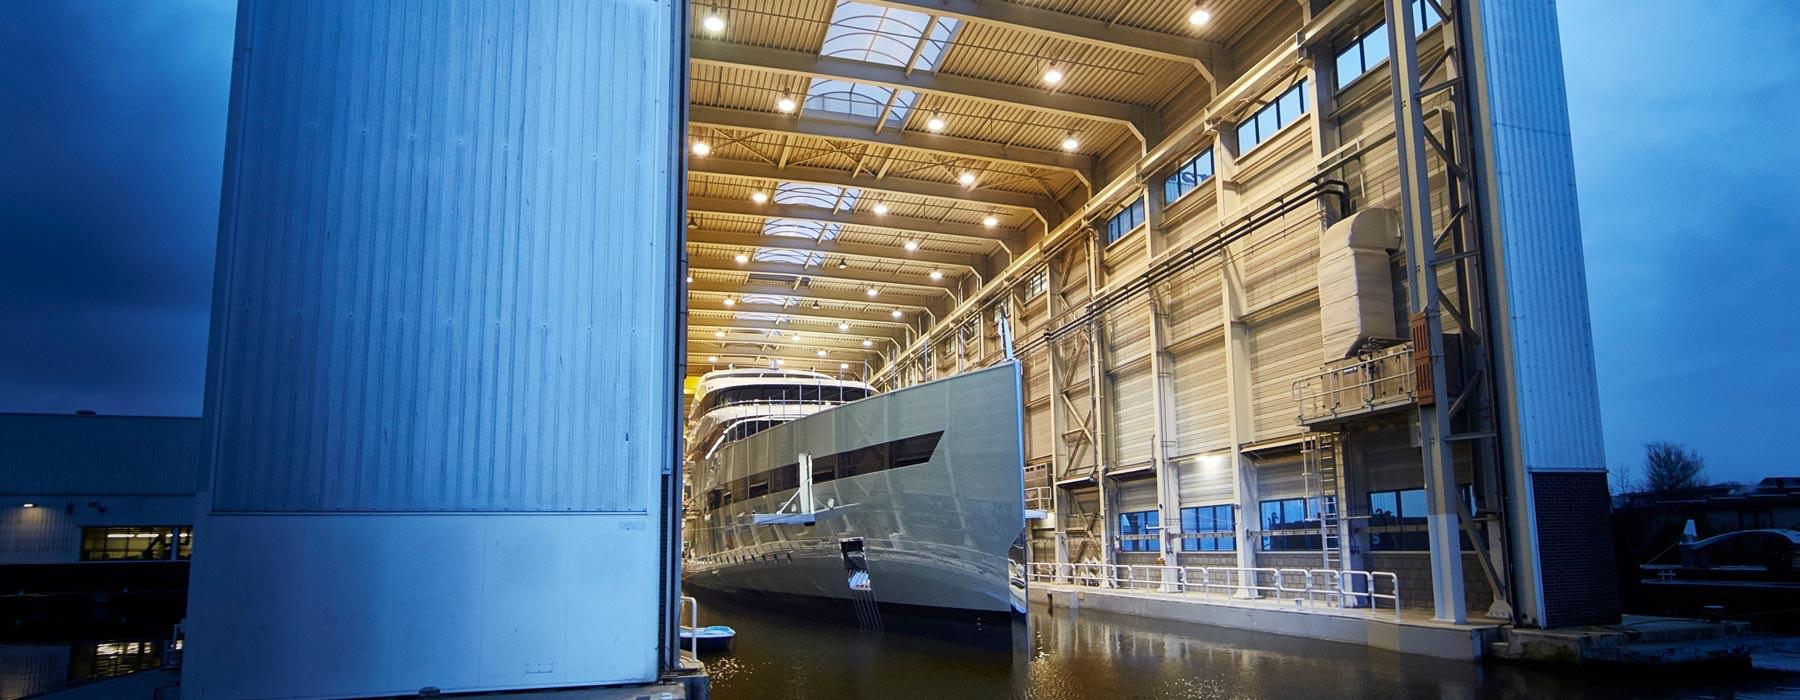 Feadship Shipyard Header